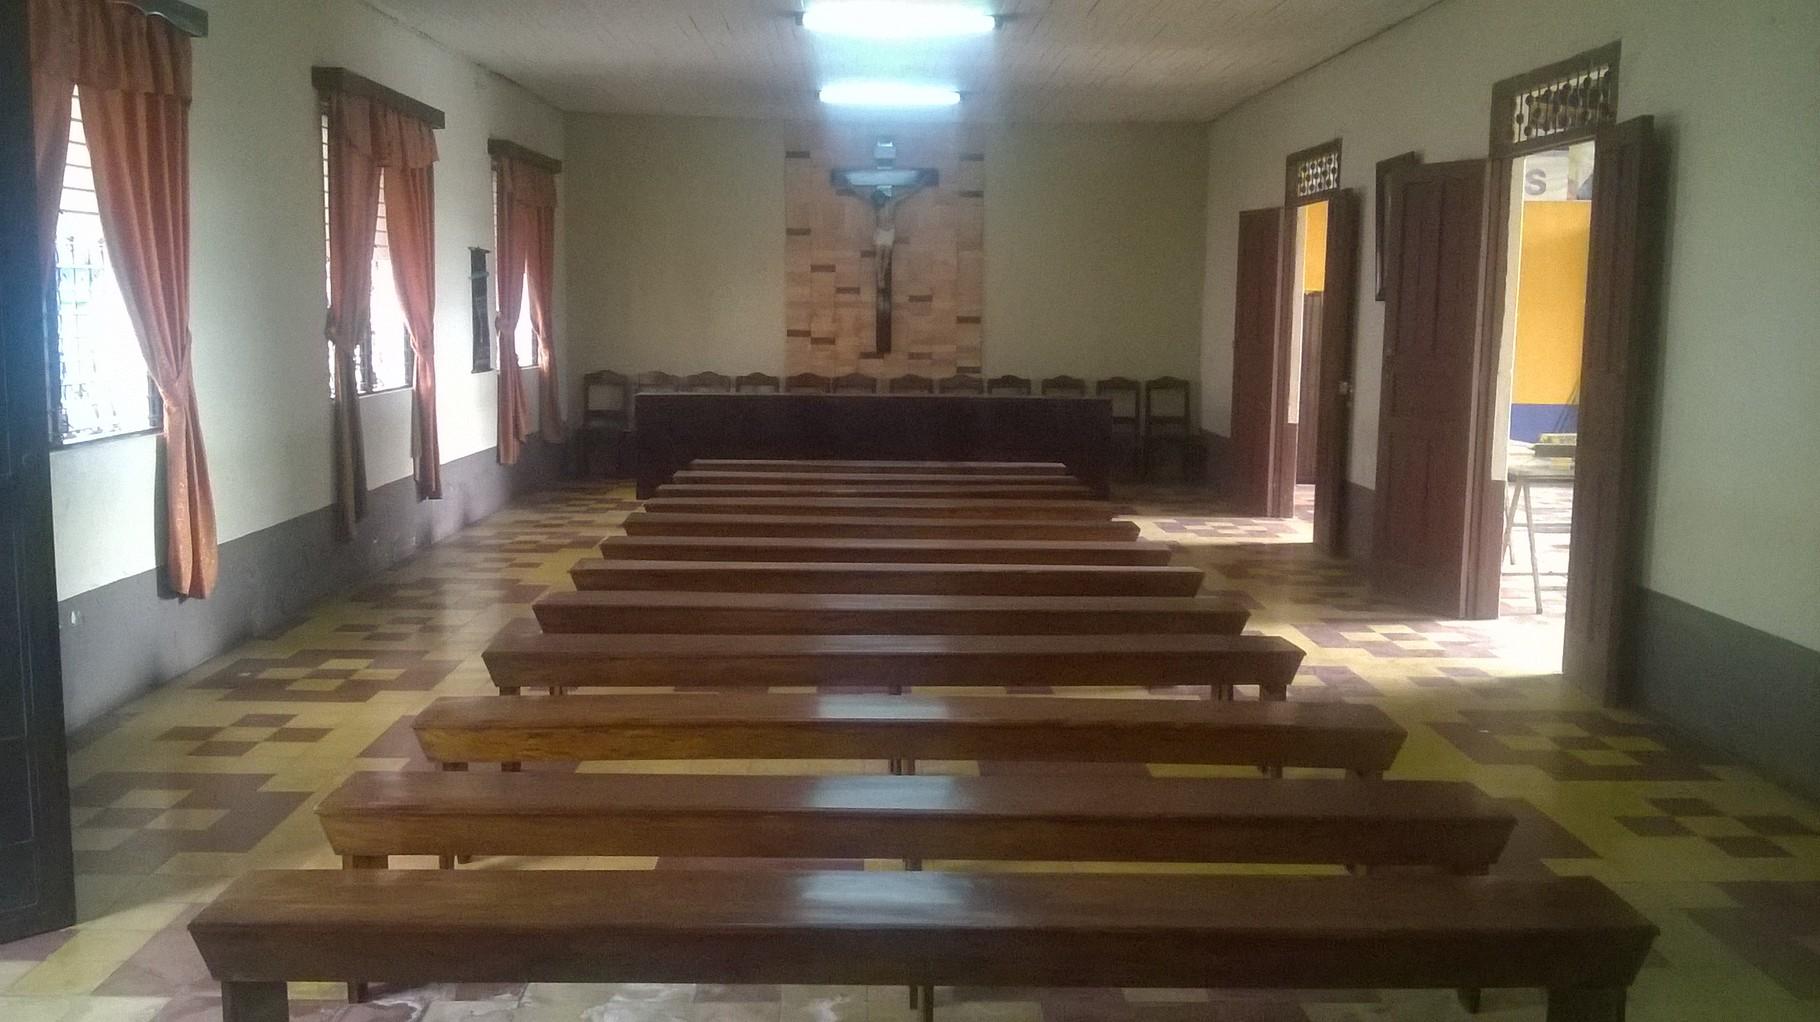 Proyecto de Junta Directiva de la Hermandad de Jesús Nazareno de las Misericordias y señor Sepultado de la Paz , y colaboración del Señor Ramiro San Juan , en la elaboración de 12 bancas y 12 sillas barnizadas, para uso del salón de sesiones Buenaventura